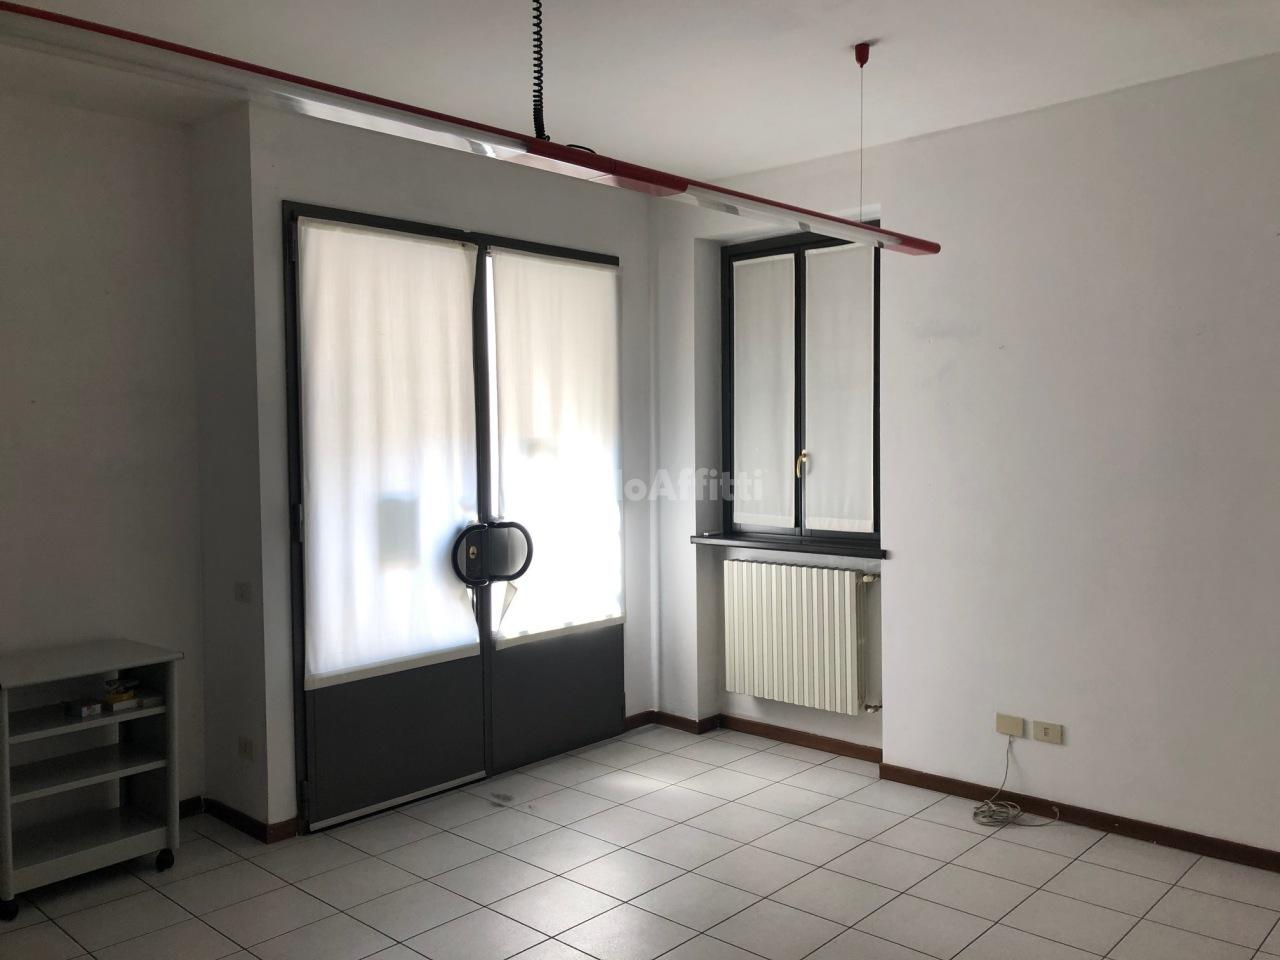 Ufficio / Studio in affitto a Turate, 2 locali, prezzo € 530 | PortaleAgenzieImmobiliari.it